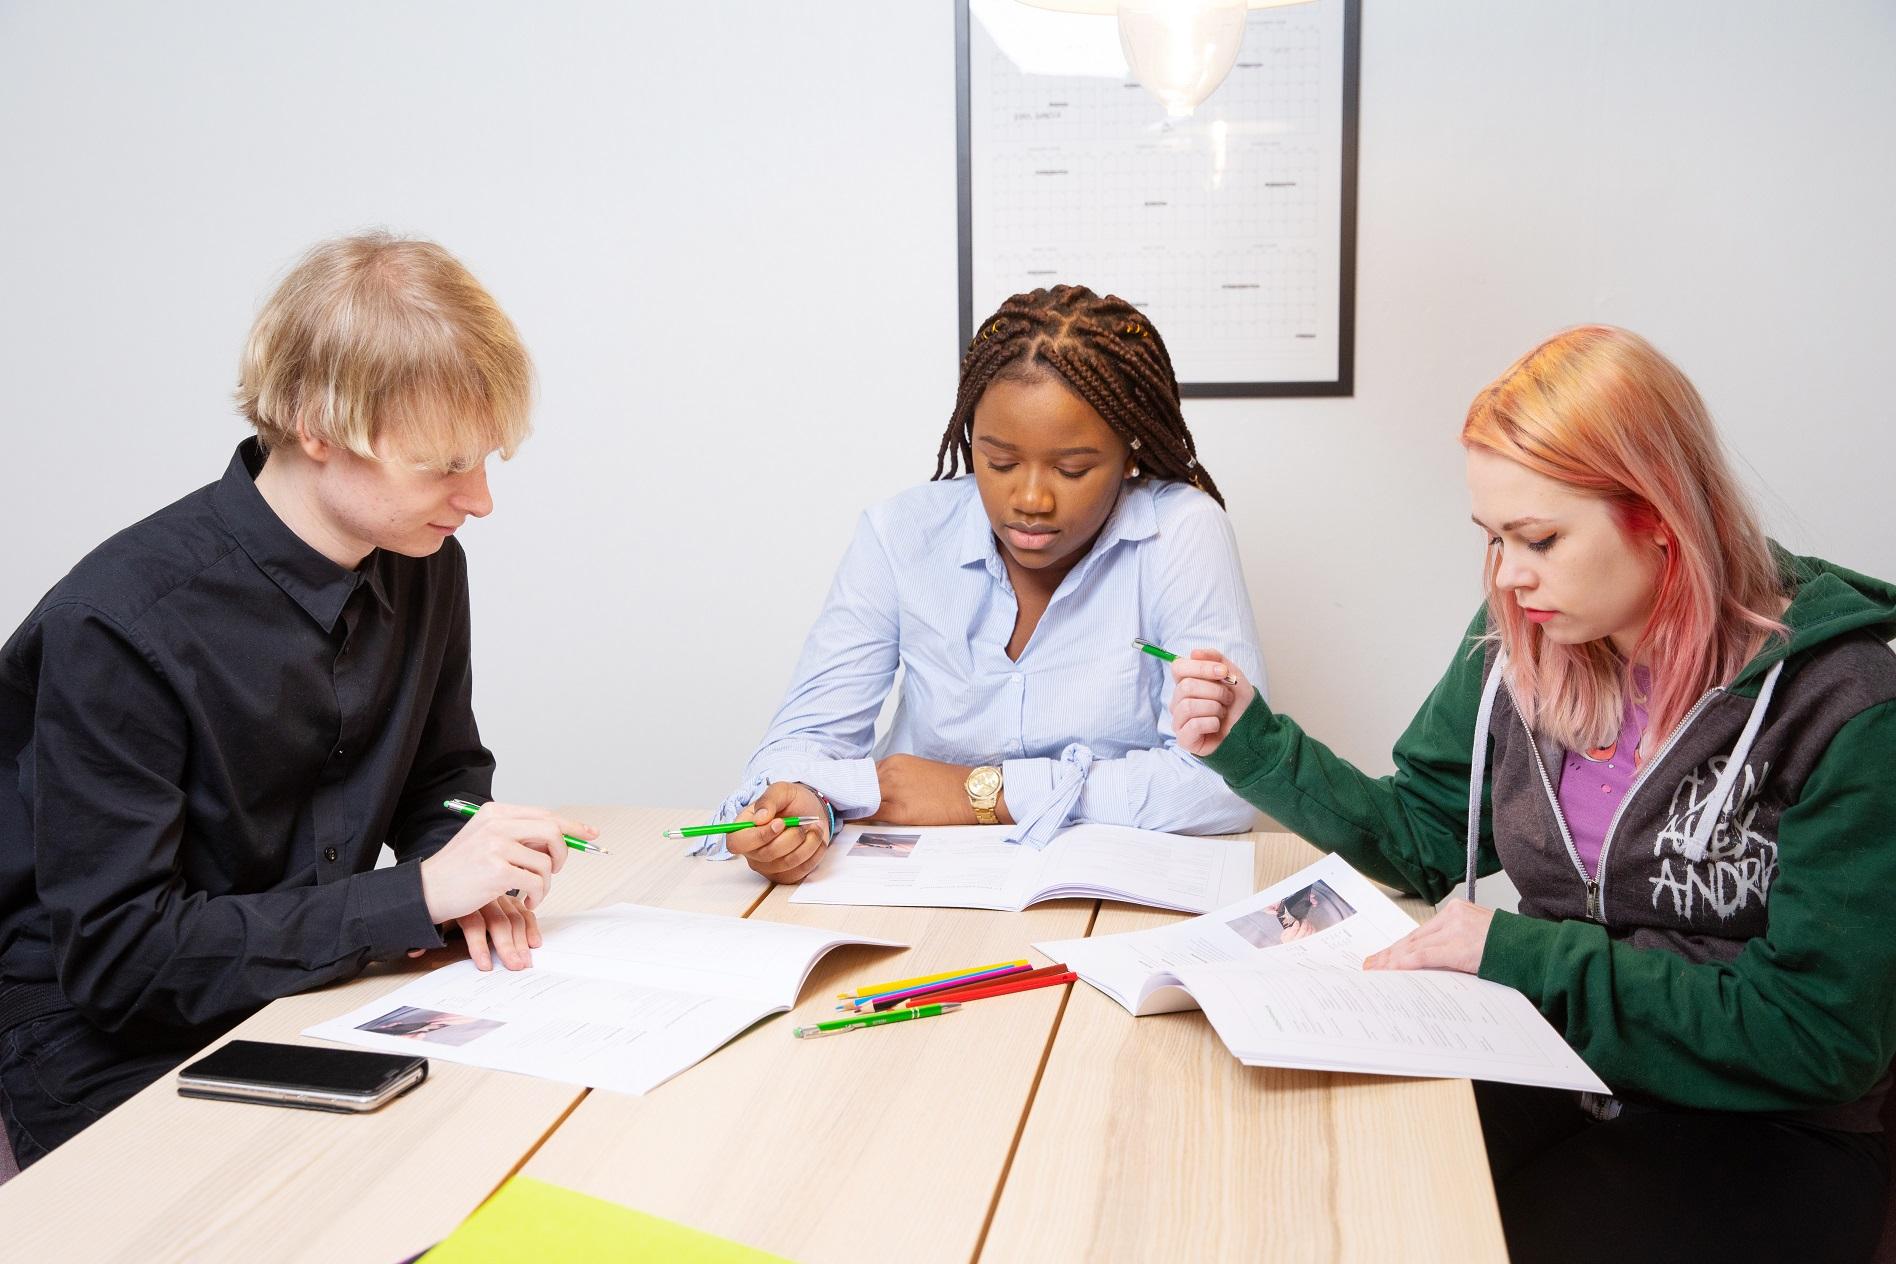 Kolme nuorta tekee tehtäviä pöydän ääressä